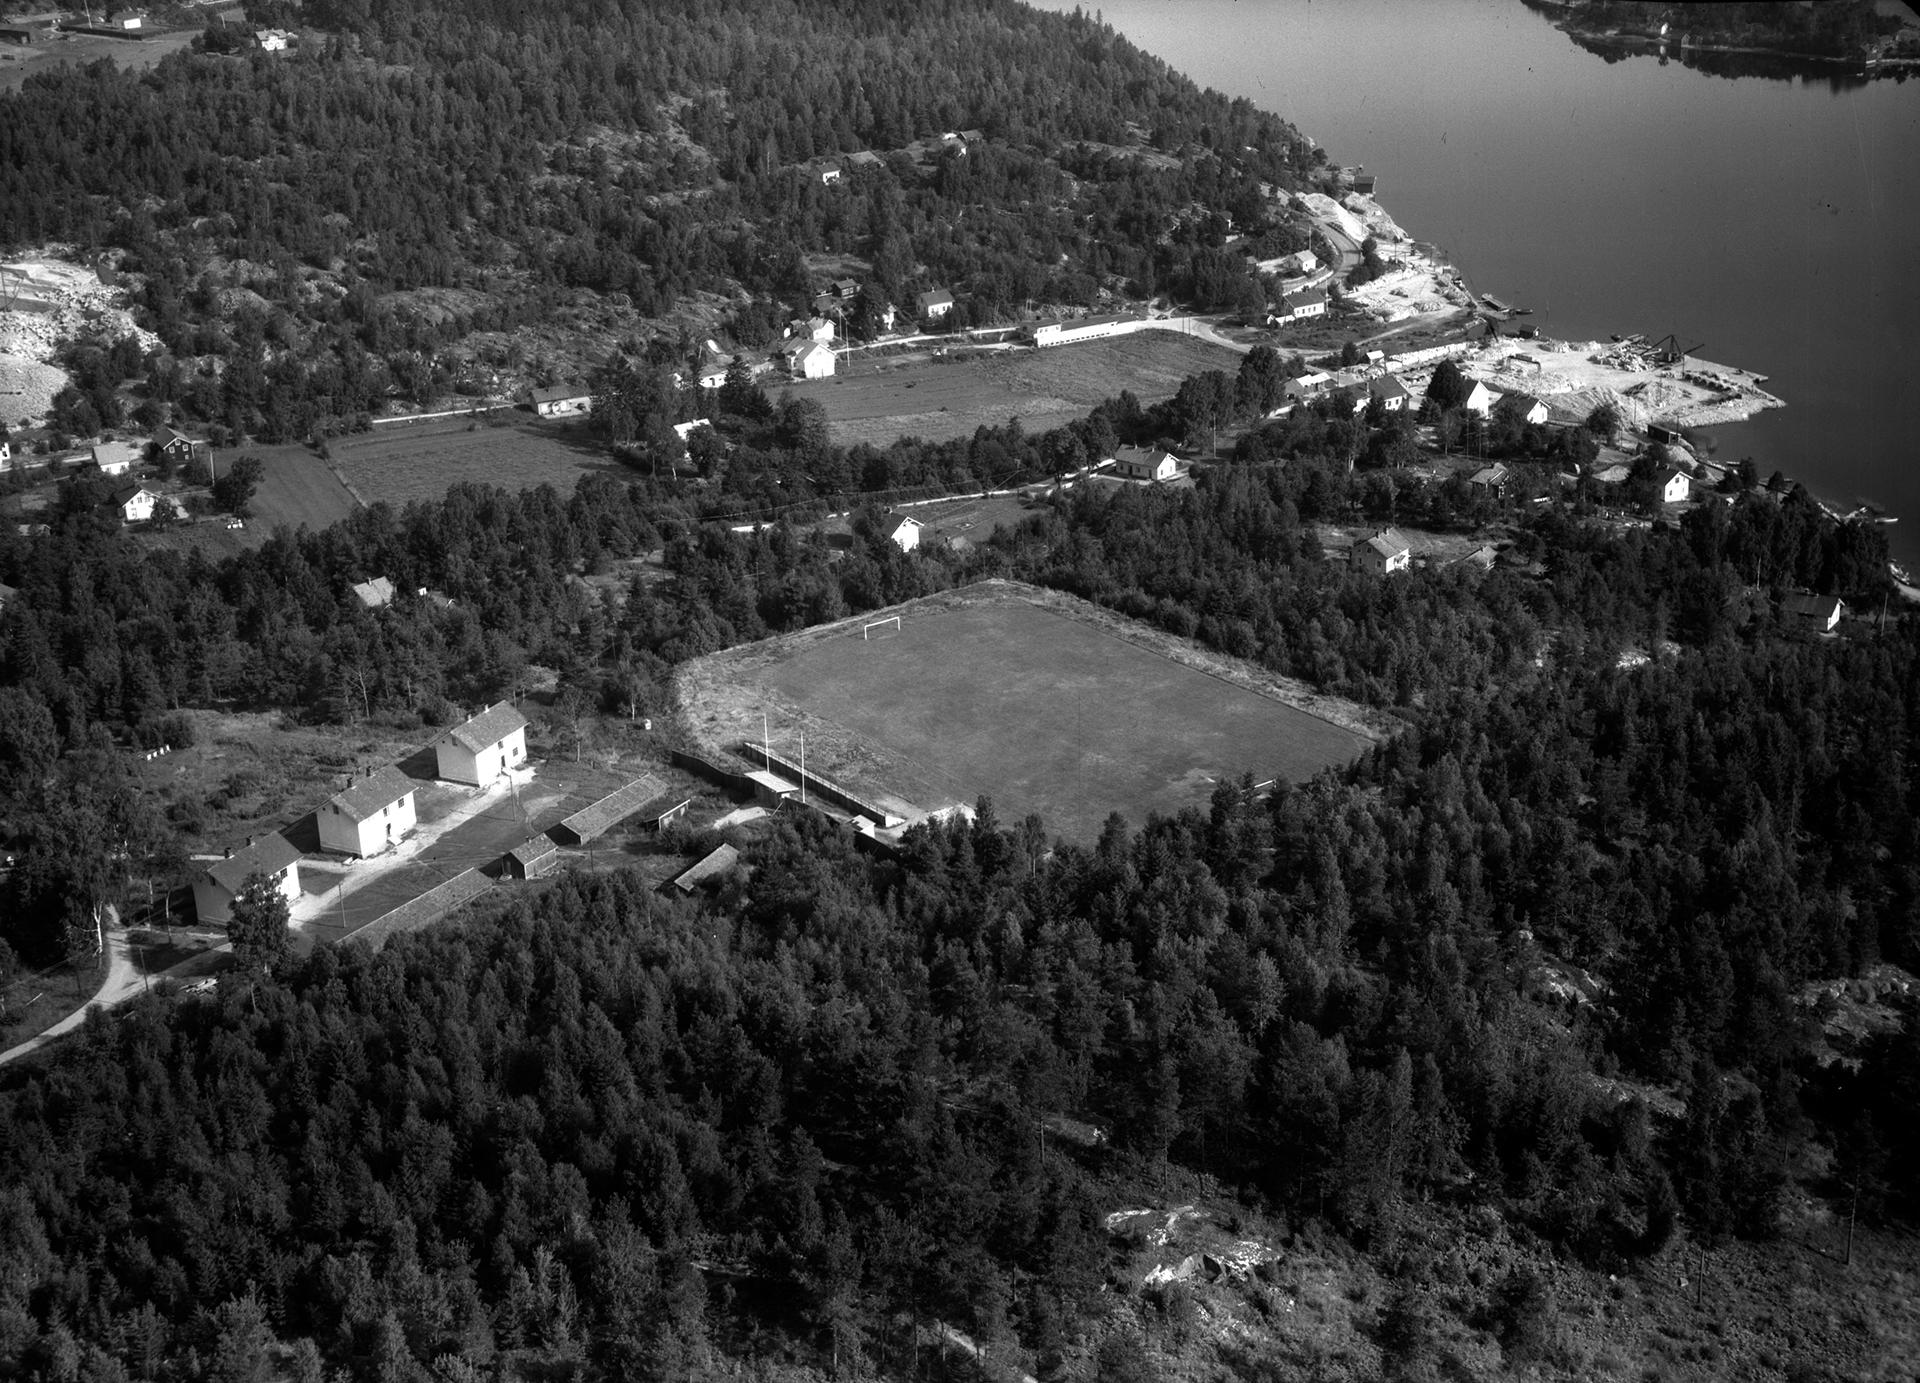 Flygbild av Krokstrand. Man ser mest skog och några vita hus. Havet syns i övre högra hörnet.